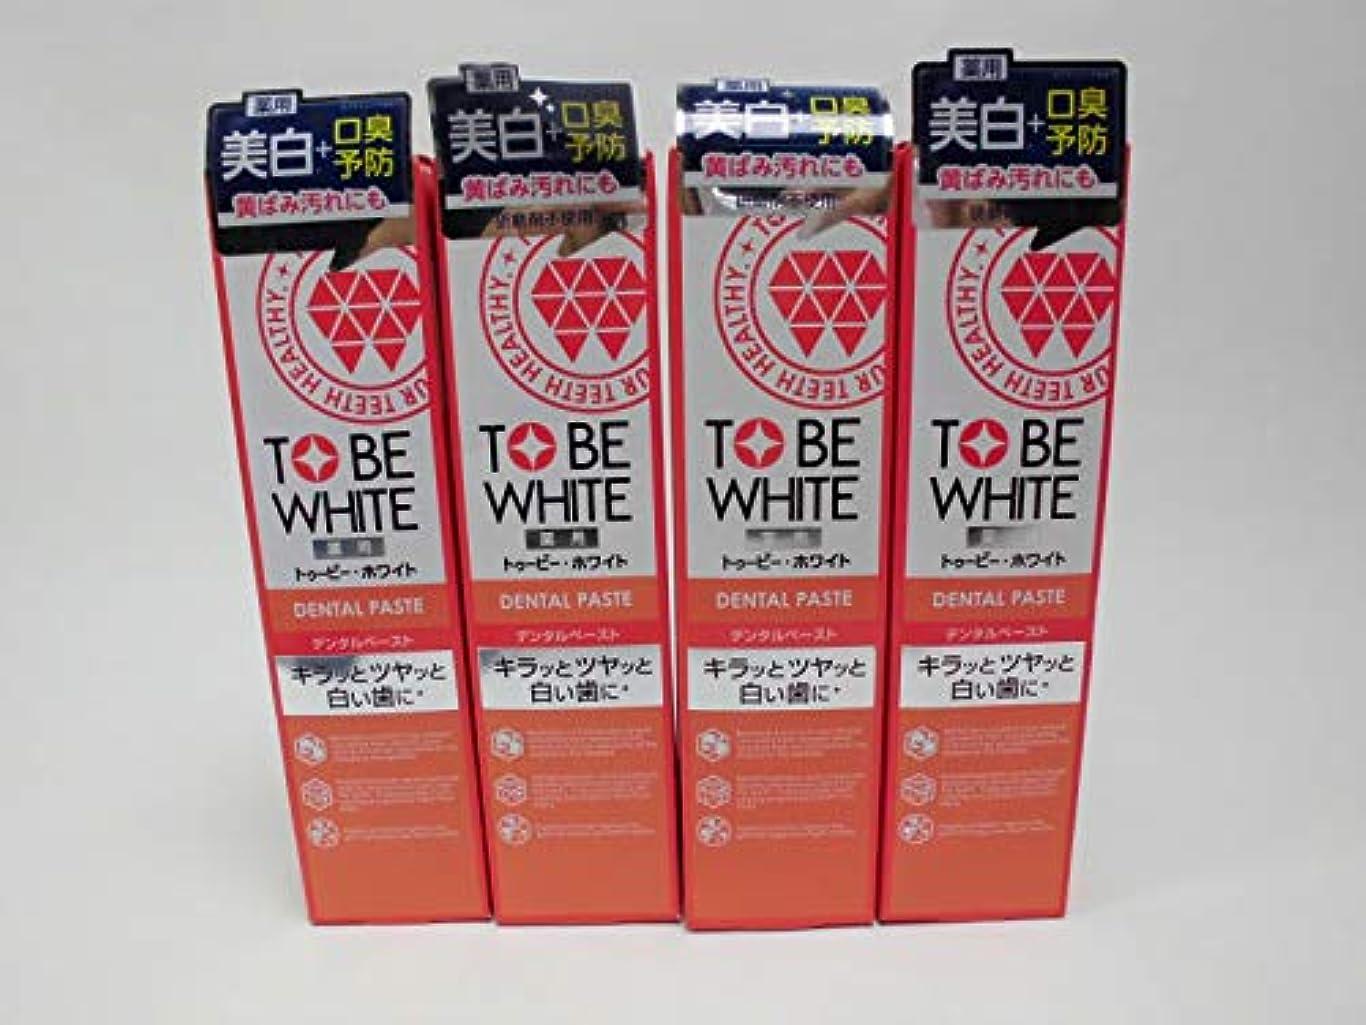 好意浮くジョグ【4個セット】「歯周病予防+ホワイトニング」 トゥービー?ホワイト 薬用デンタルペースト (100g)×4個セット